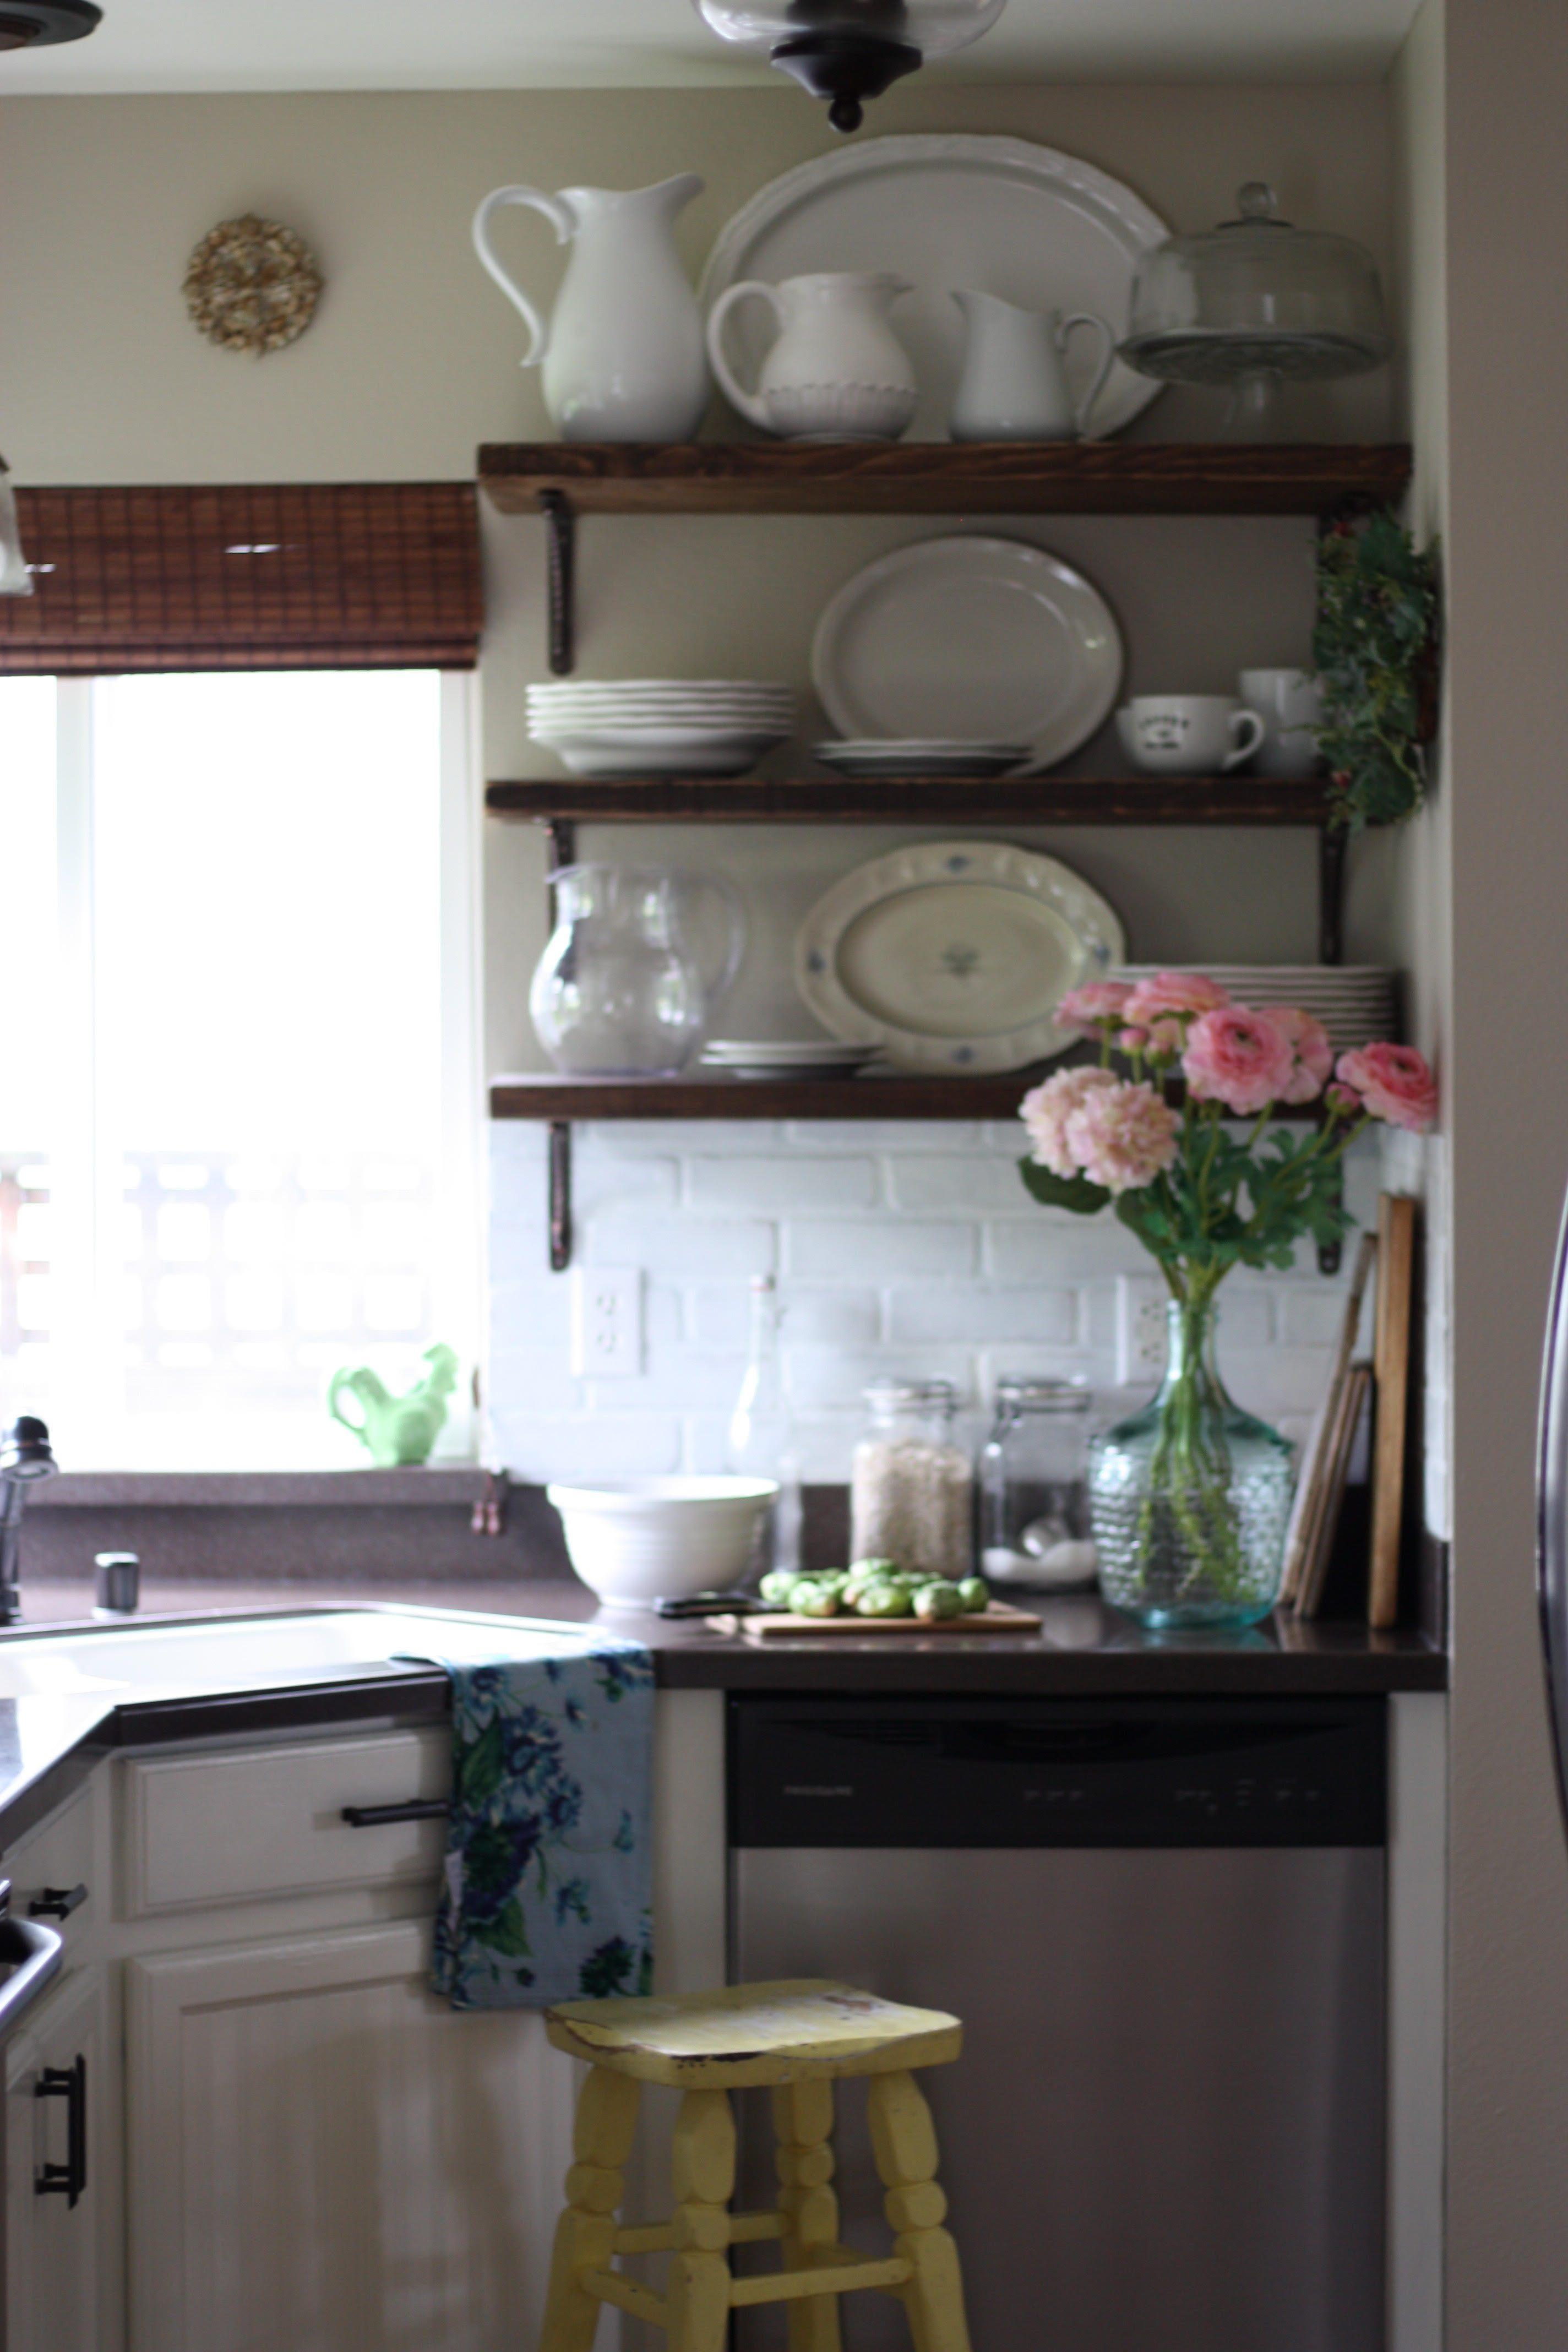 Kirstens kitchen